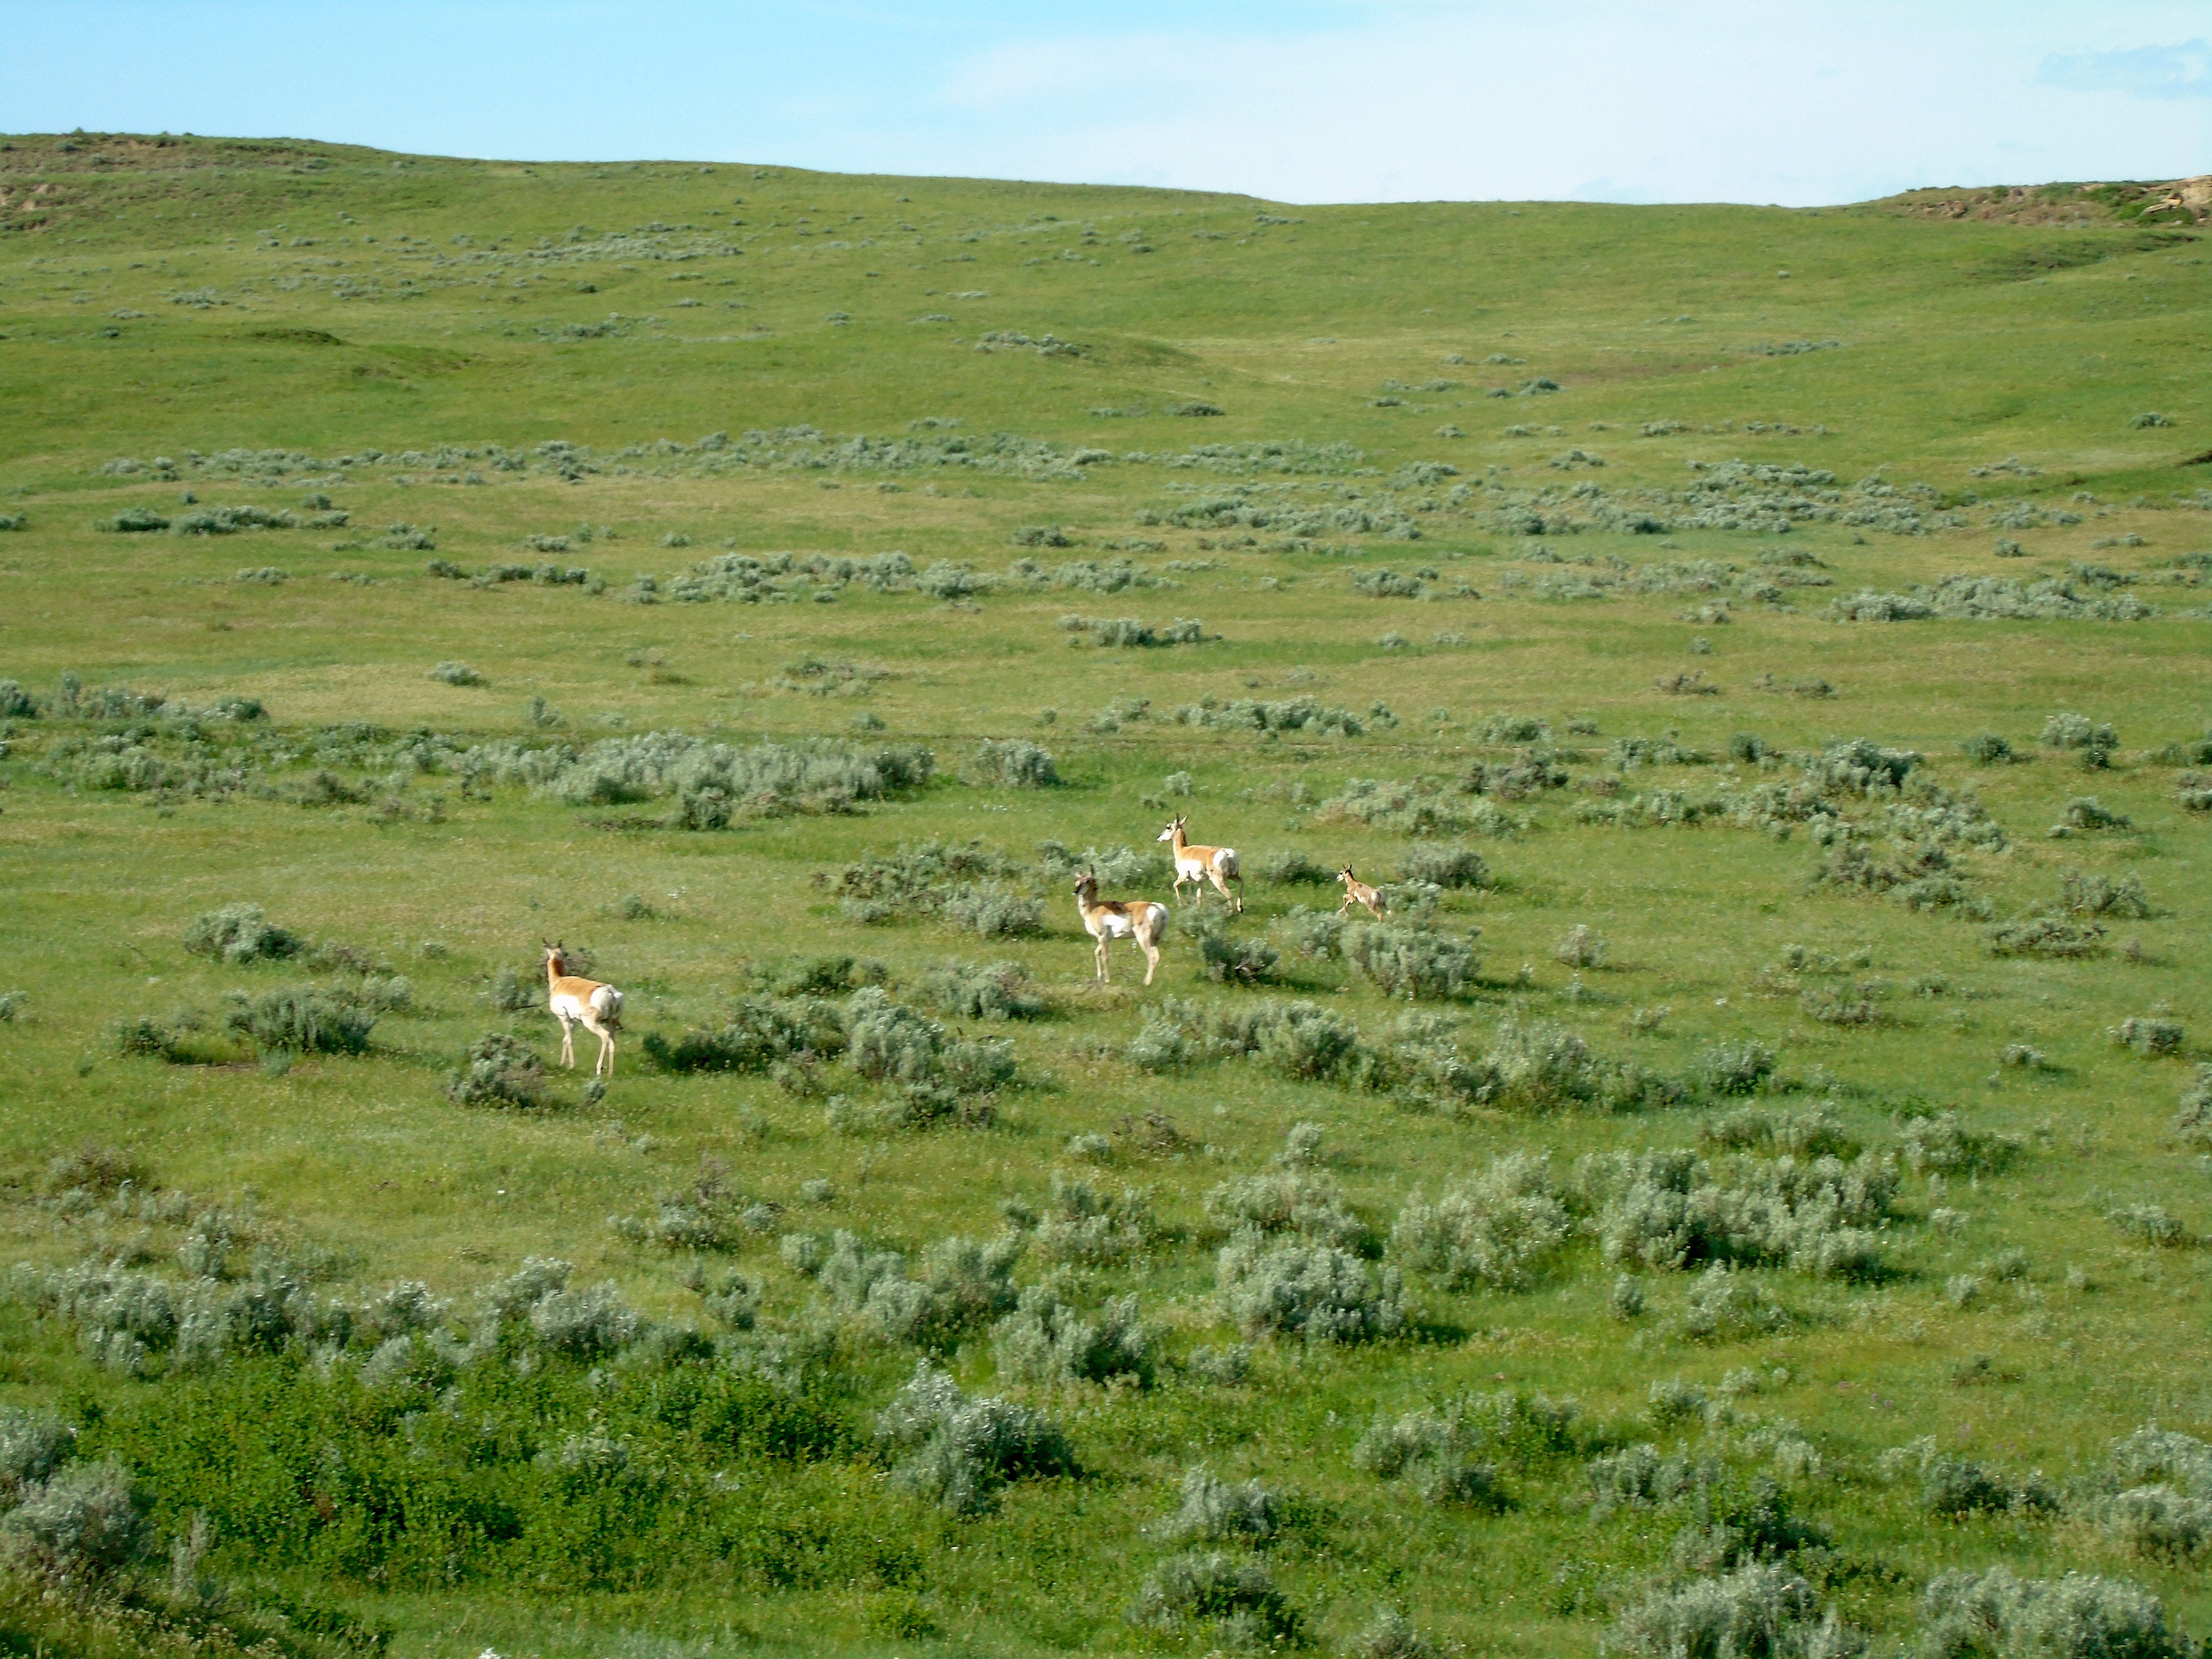 Antelope roam near Powderville in southeast Montana.